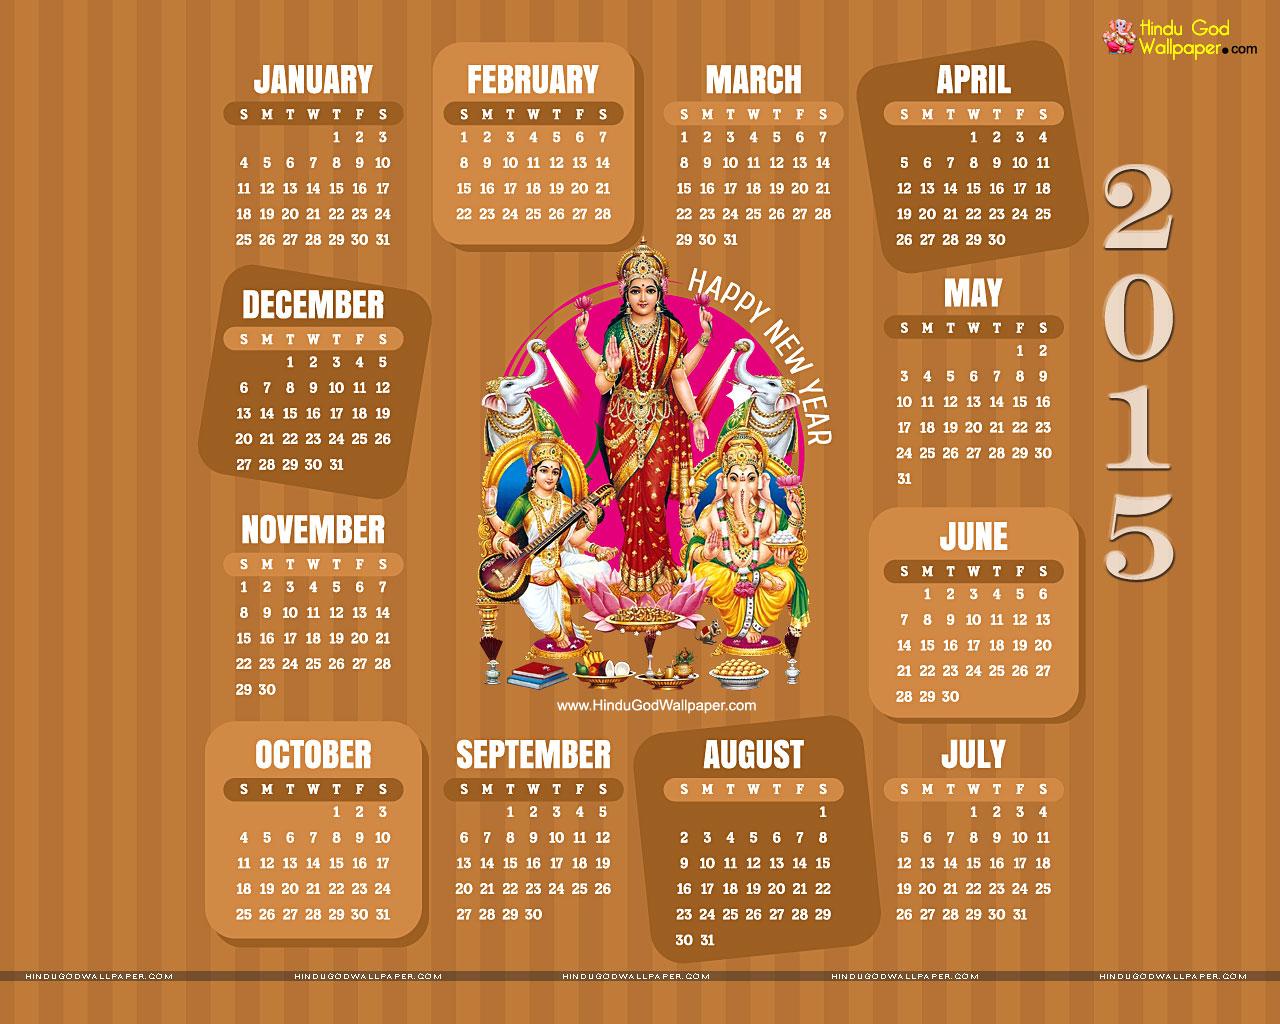 2015 Year Calendar Wallpaper Download 2015 Calendar by Month 1280x1024